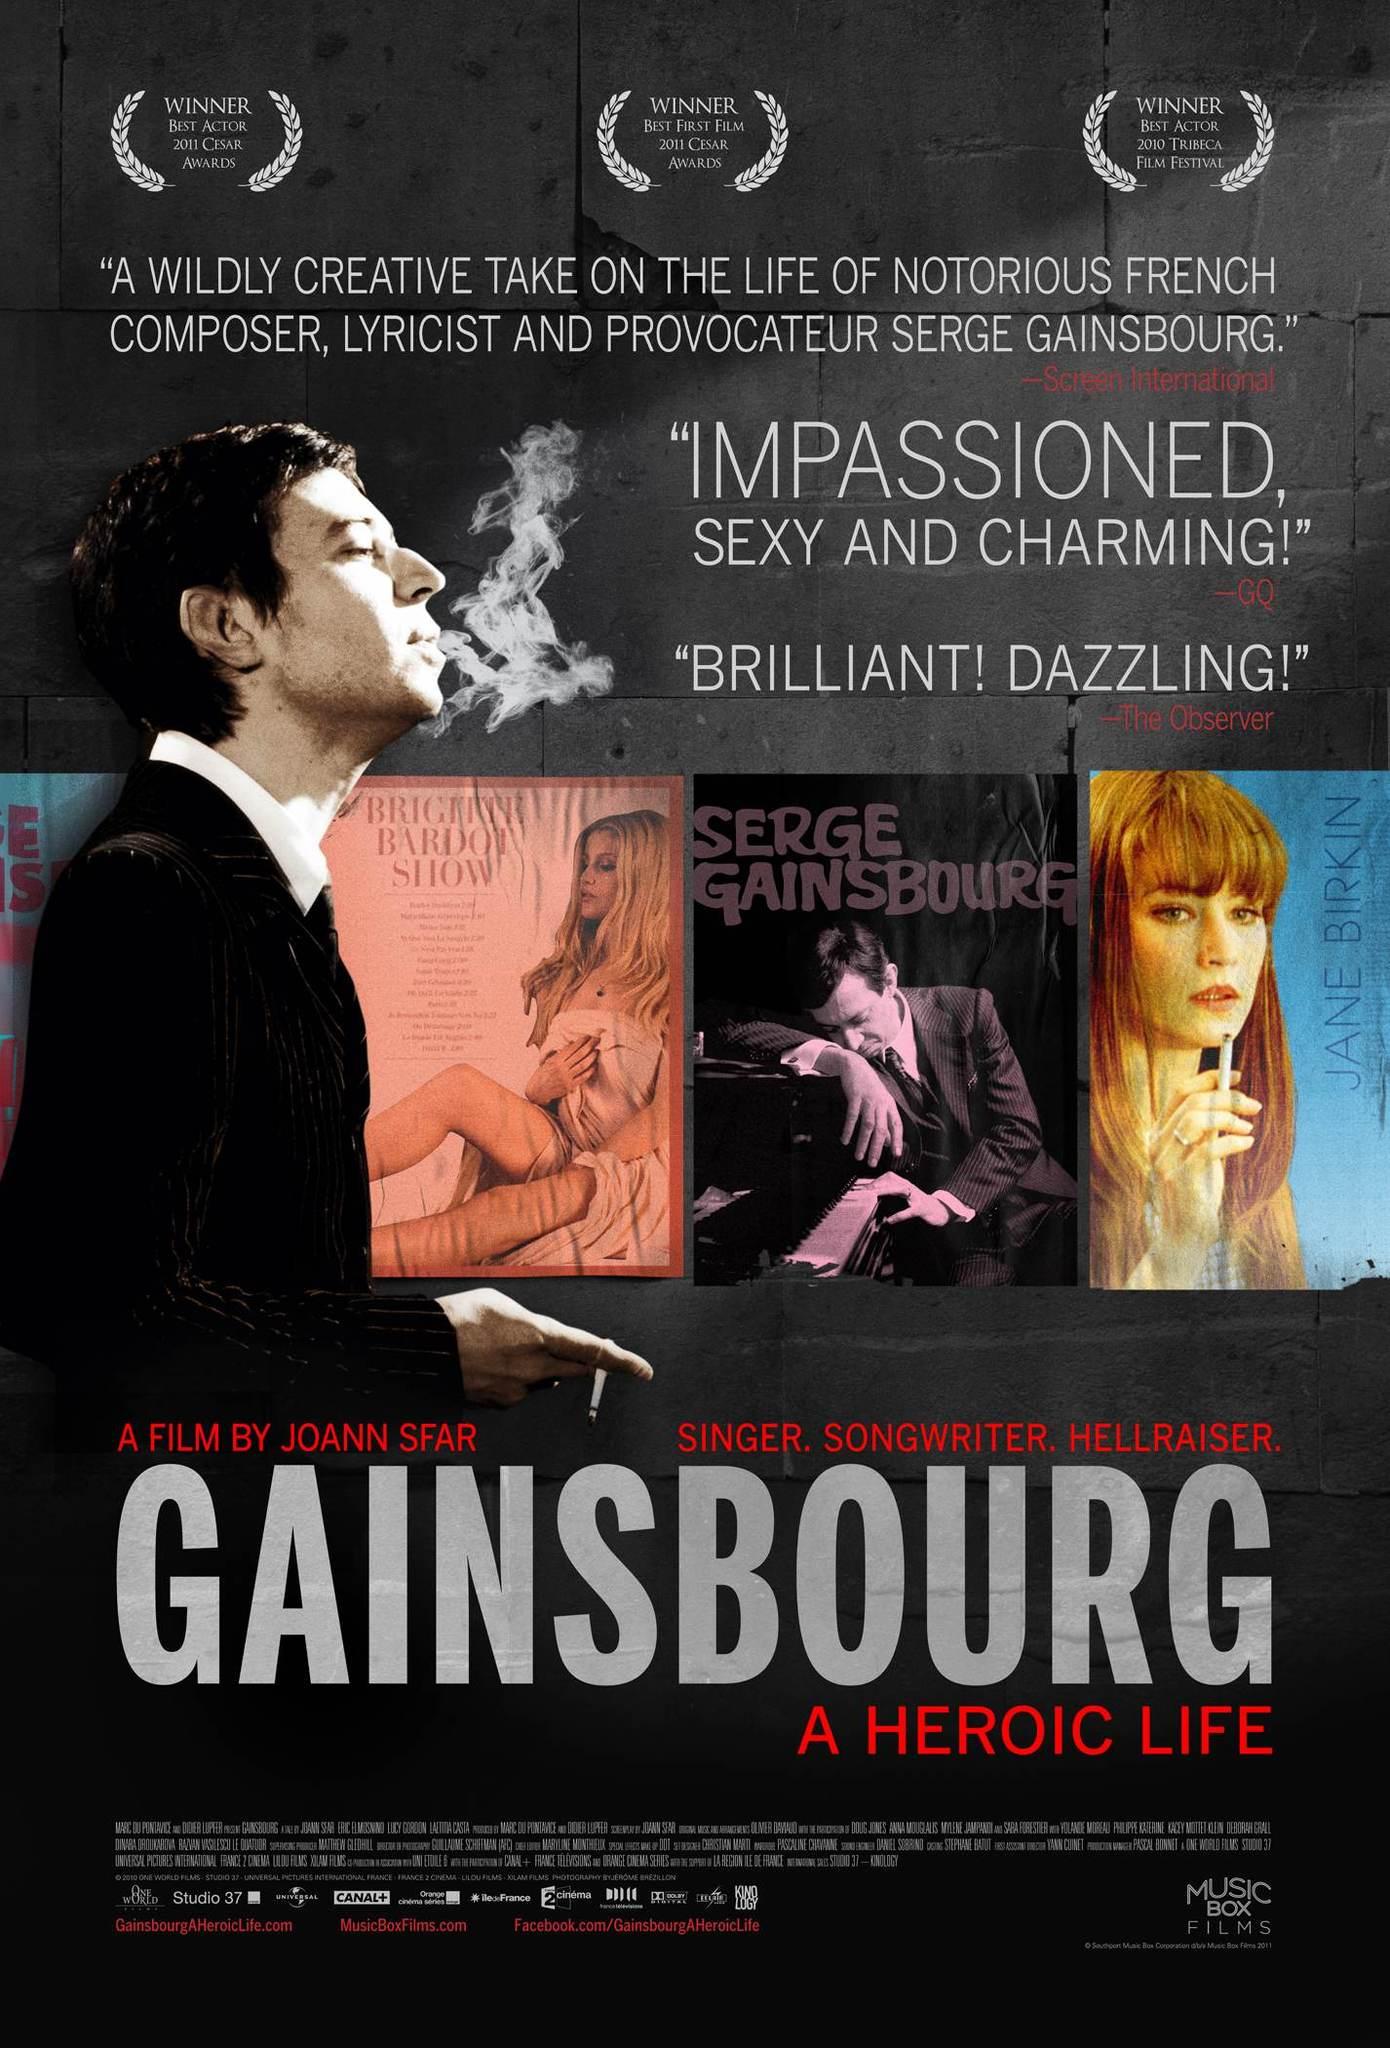 image Gainsbourg (Vie héroïque) Watch Full Movie Free Online